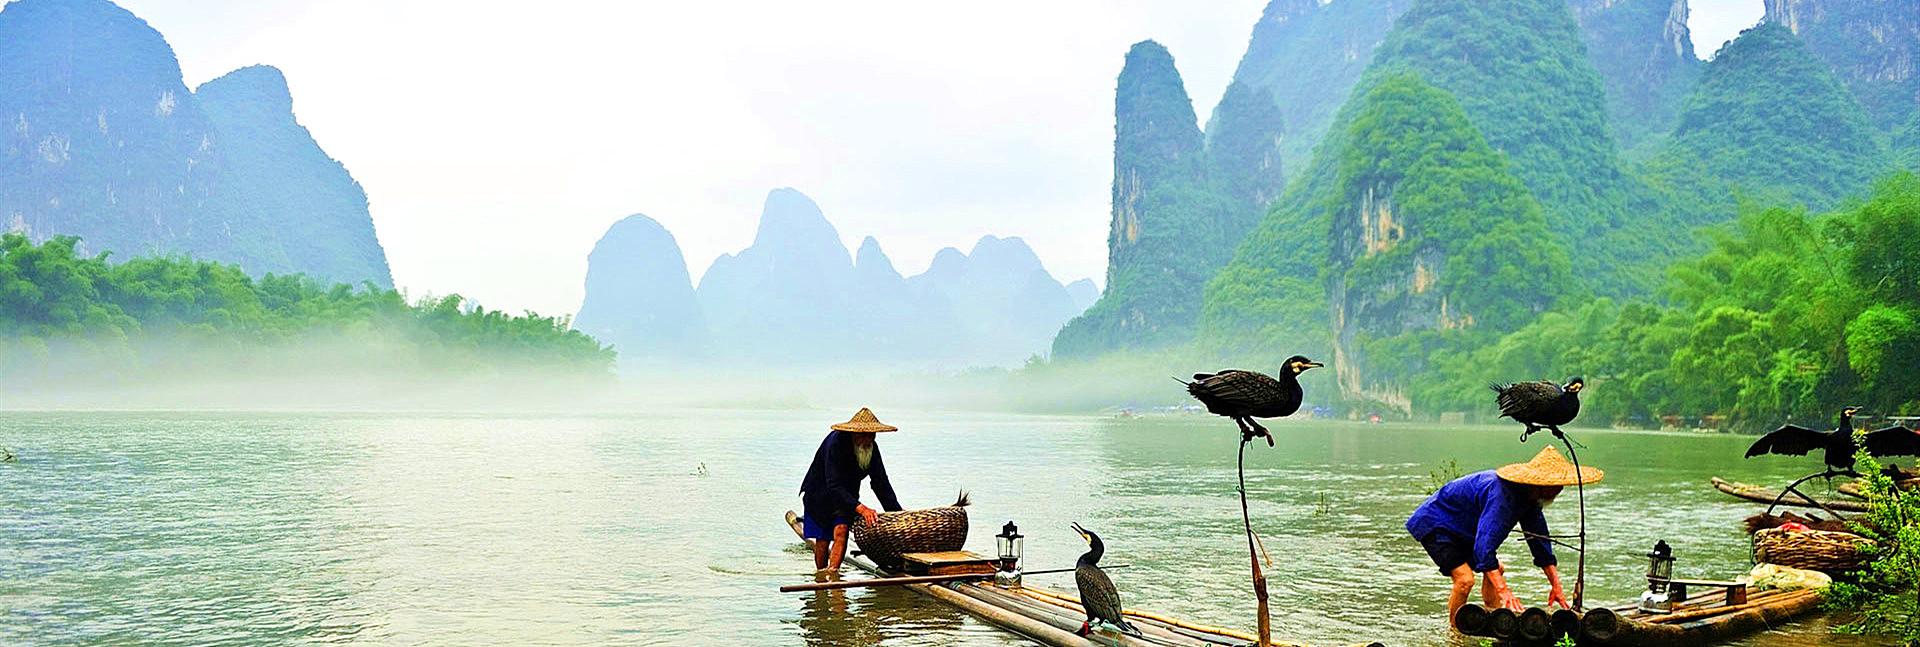 Top China Tours